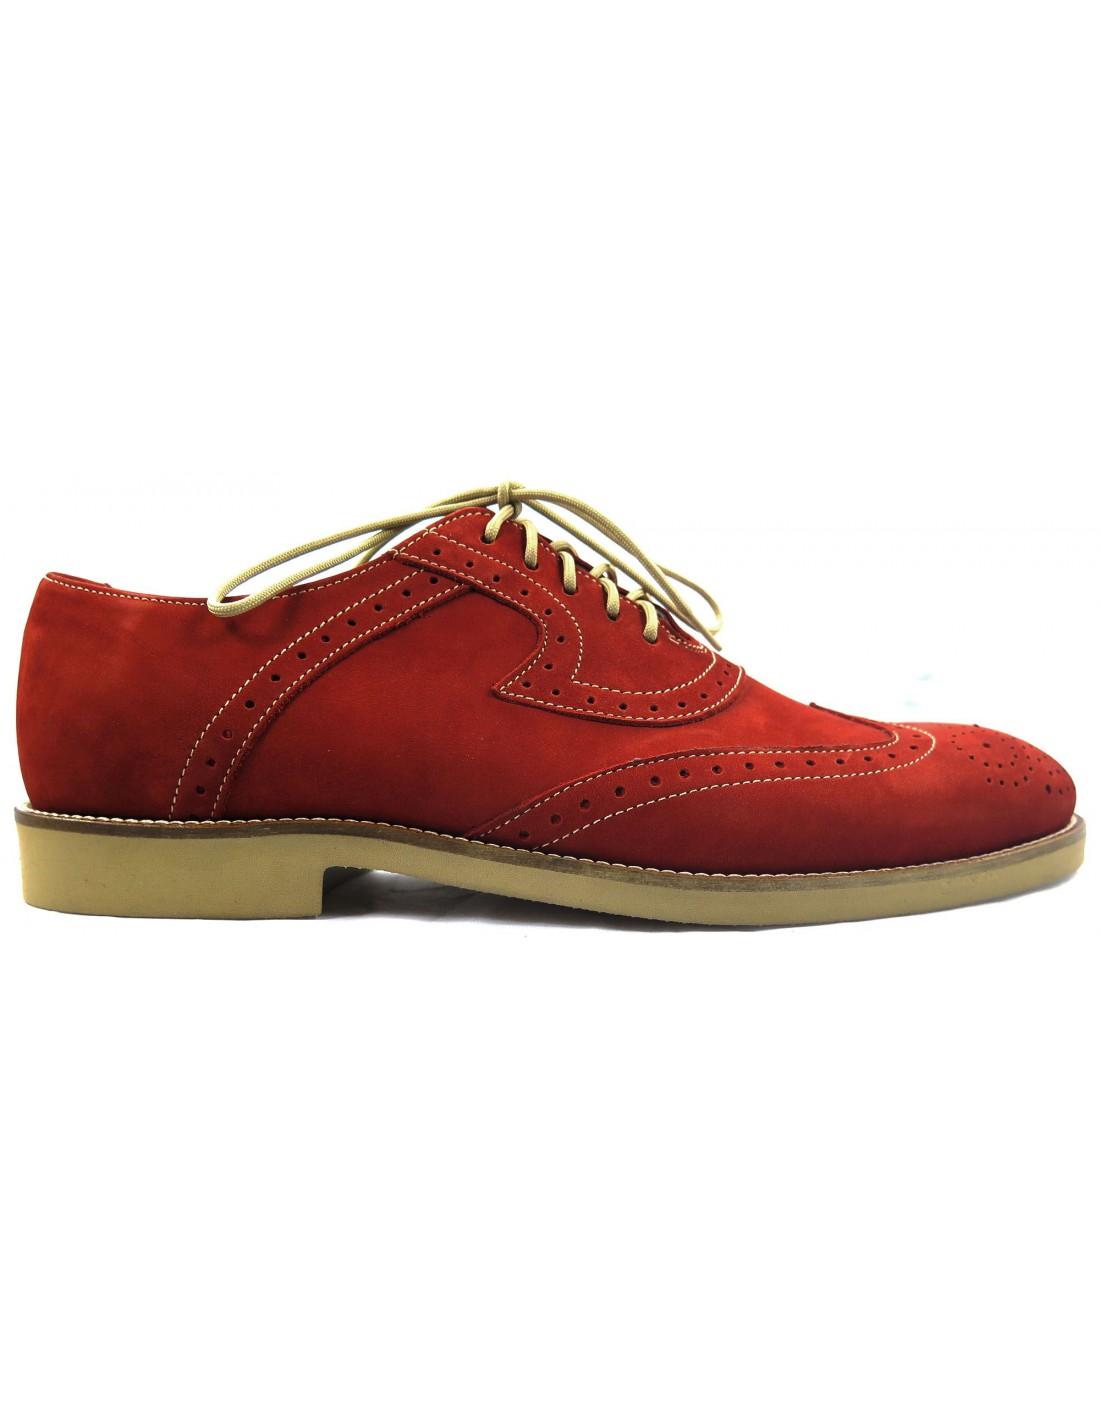 613c0335 Czerwone zamszowe półbuty męskie - brogsy z beżowymi elementami T15 ...